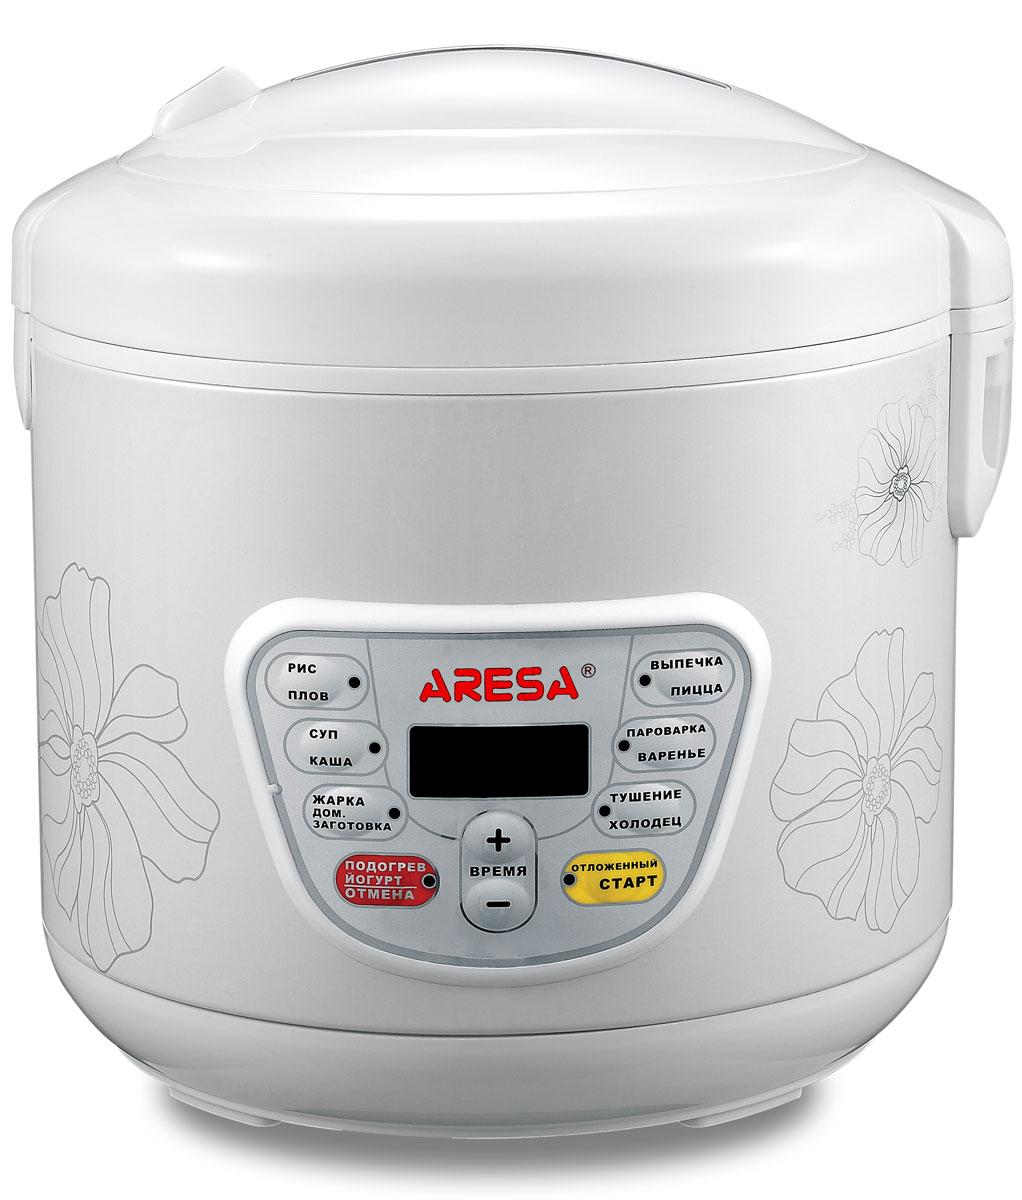 Aresa AR-2001 мультиваркаAR-2001Мультиварка Aresa AR-2001 имеет светодиодный LED-дисплей и вместительную чашу объемом 5 литров скерамическим покрытием. Удобная ручка для переноски позволит осуществлять удобное перемещение прибора.Множество различных функций и режимов приготовления позволит готовить именно те блюда, которые вамнравятся. Регулировка времени приготовления варьируется от 5 минут до 6 часов. В комплект входят полезныеаксессуары для приготовления пищи, а книгу рецептов можно бесплатно скачать с сайта производителя.